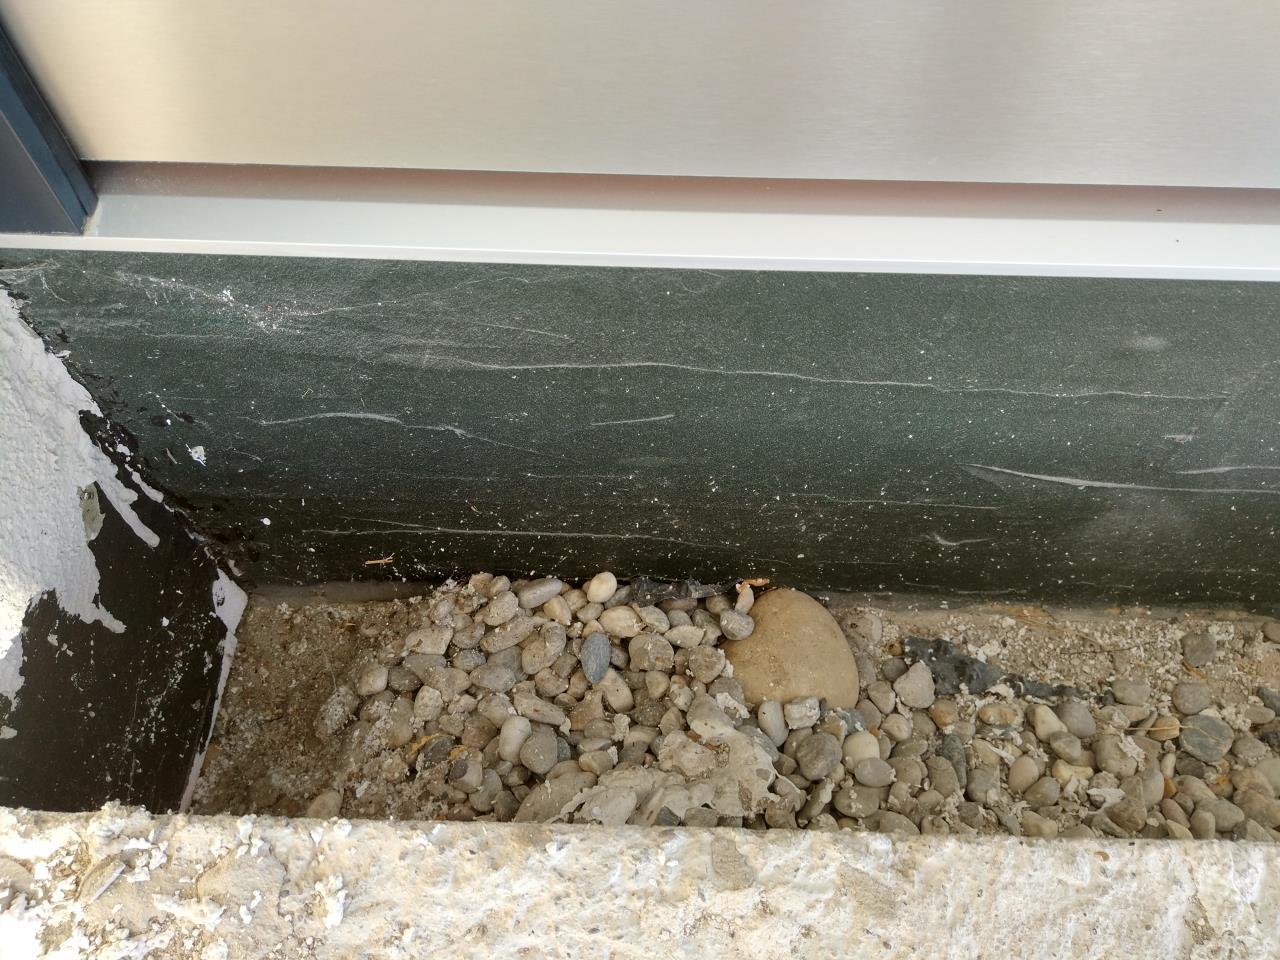 Relativ Wärmedämmung zw. Haustür-Sockel und Beton | Fensterforum auf AR67